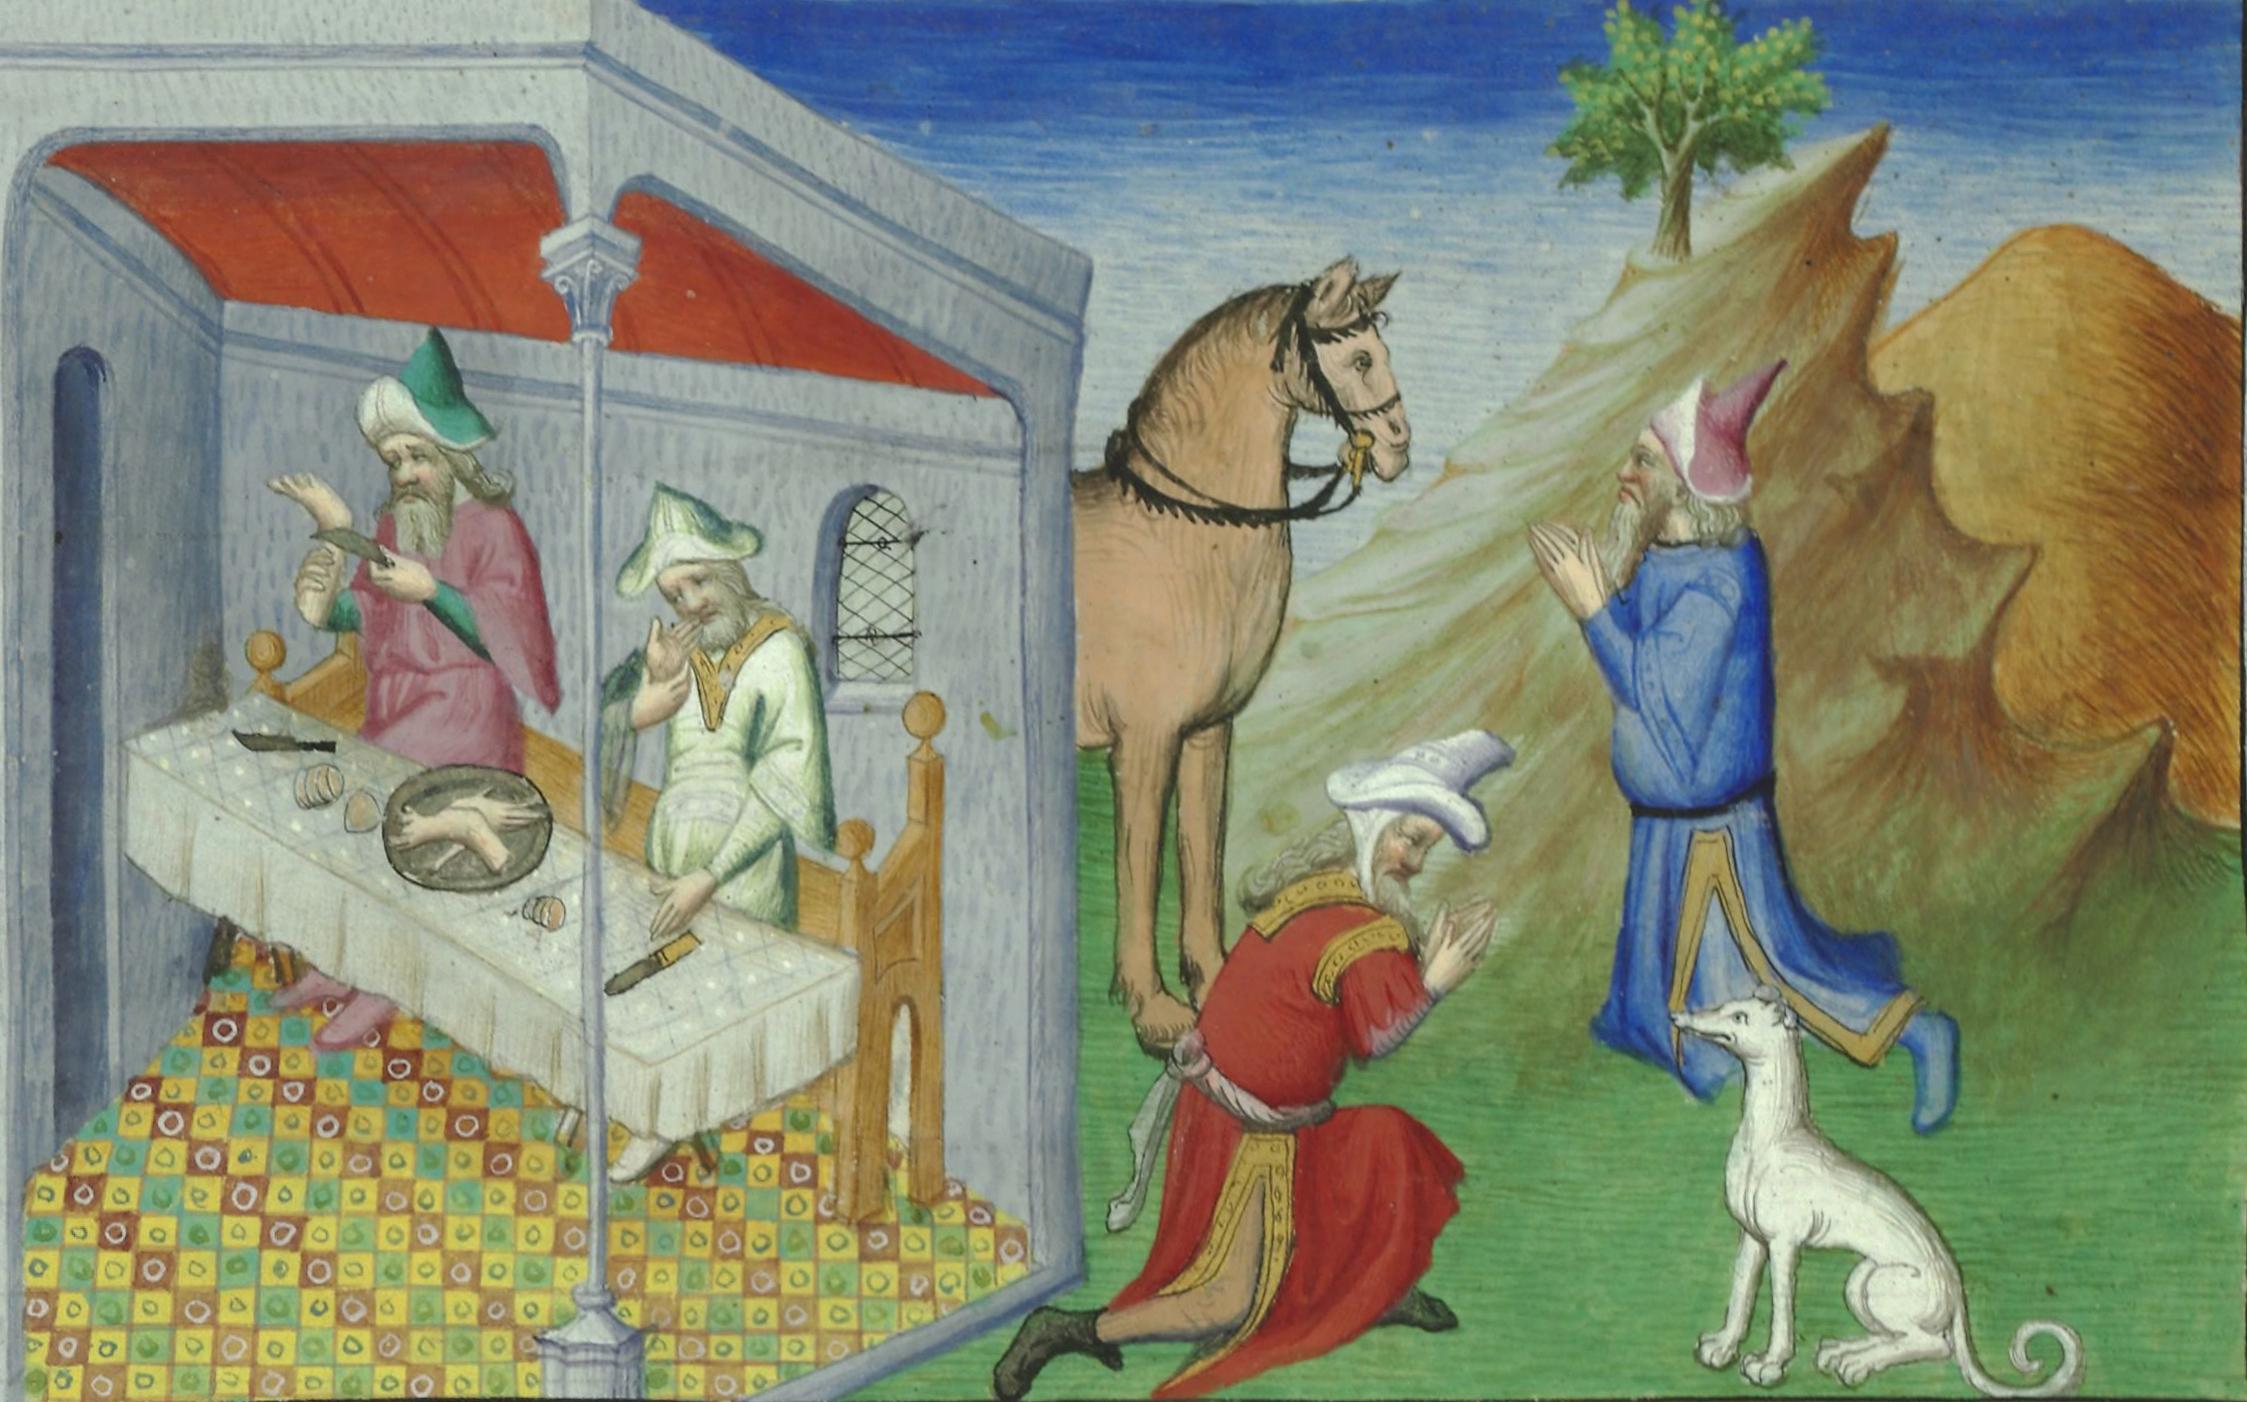 Cannibalism, Le Livre des merveilles de Marco Polo. Paris, Bibliothèque Nationale